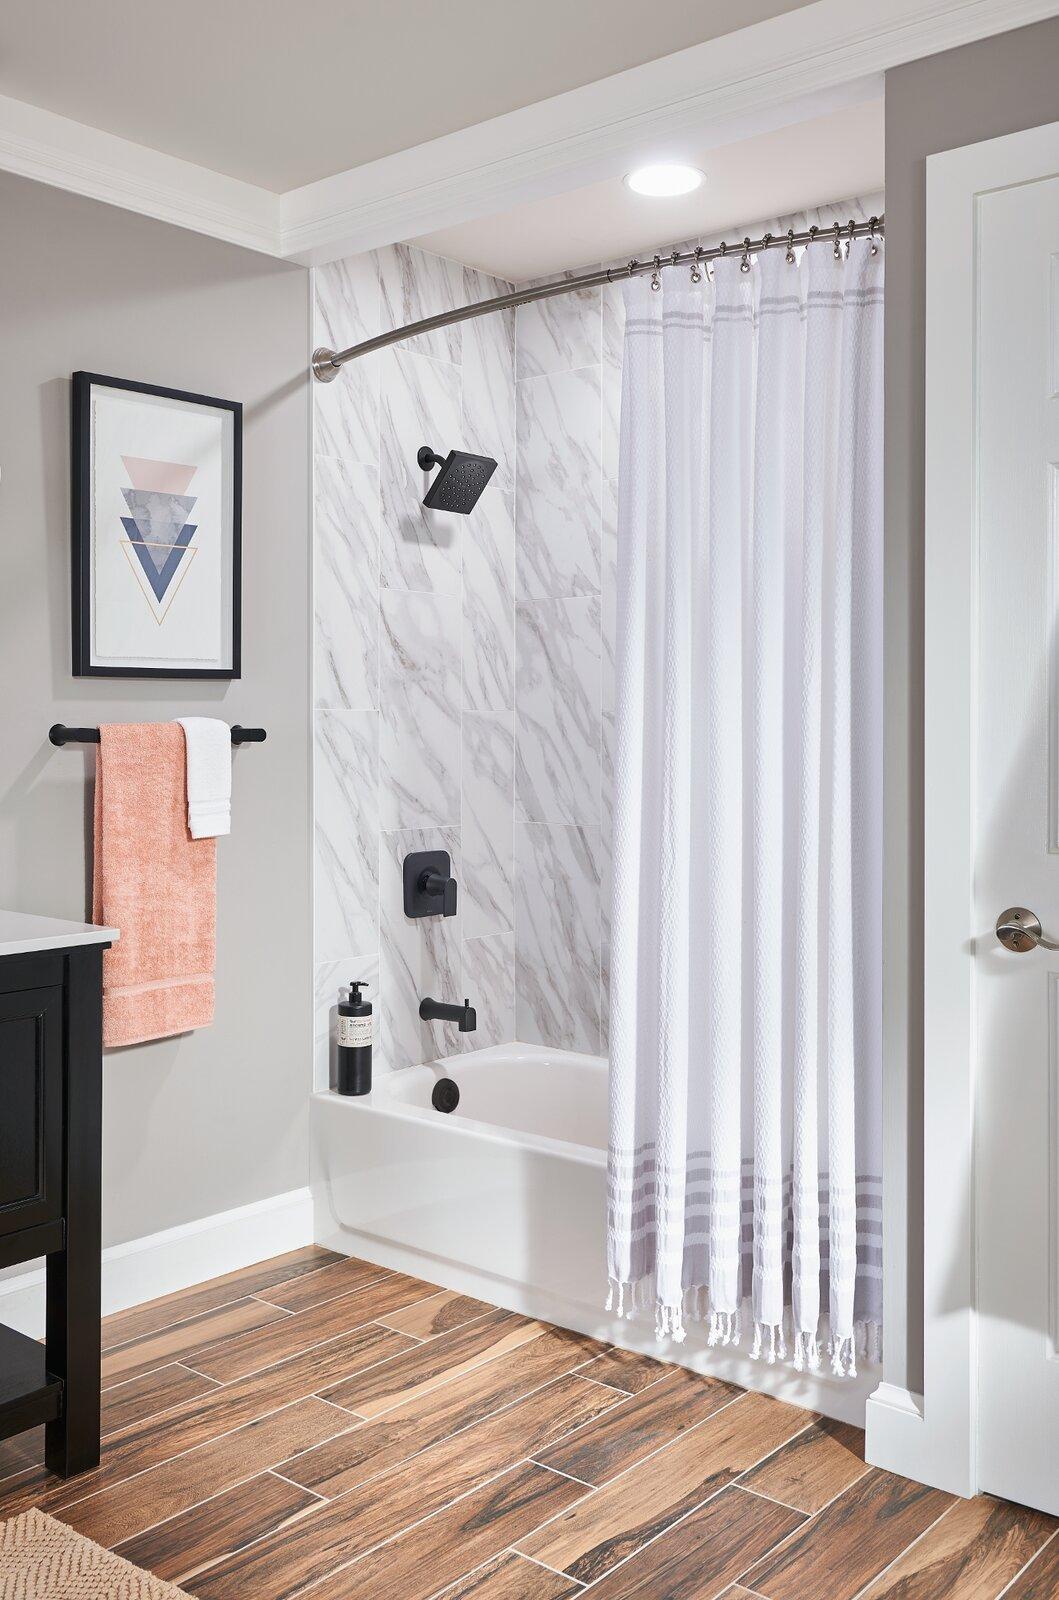 Genta Blac Towel Flat Bar